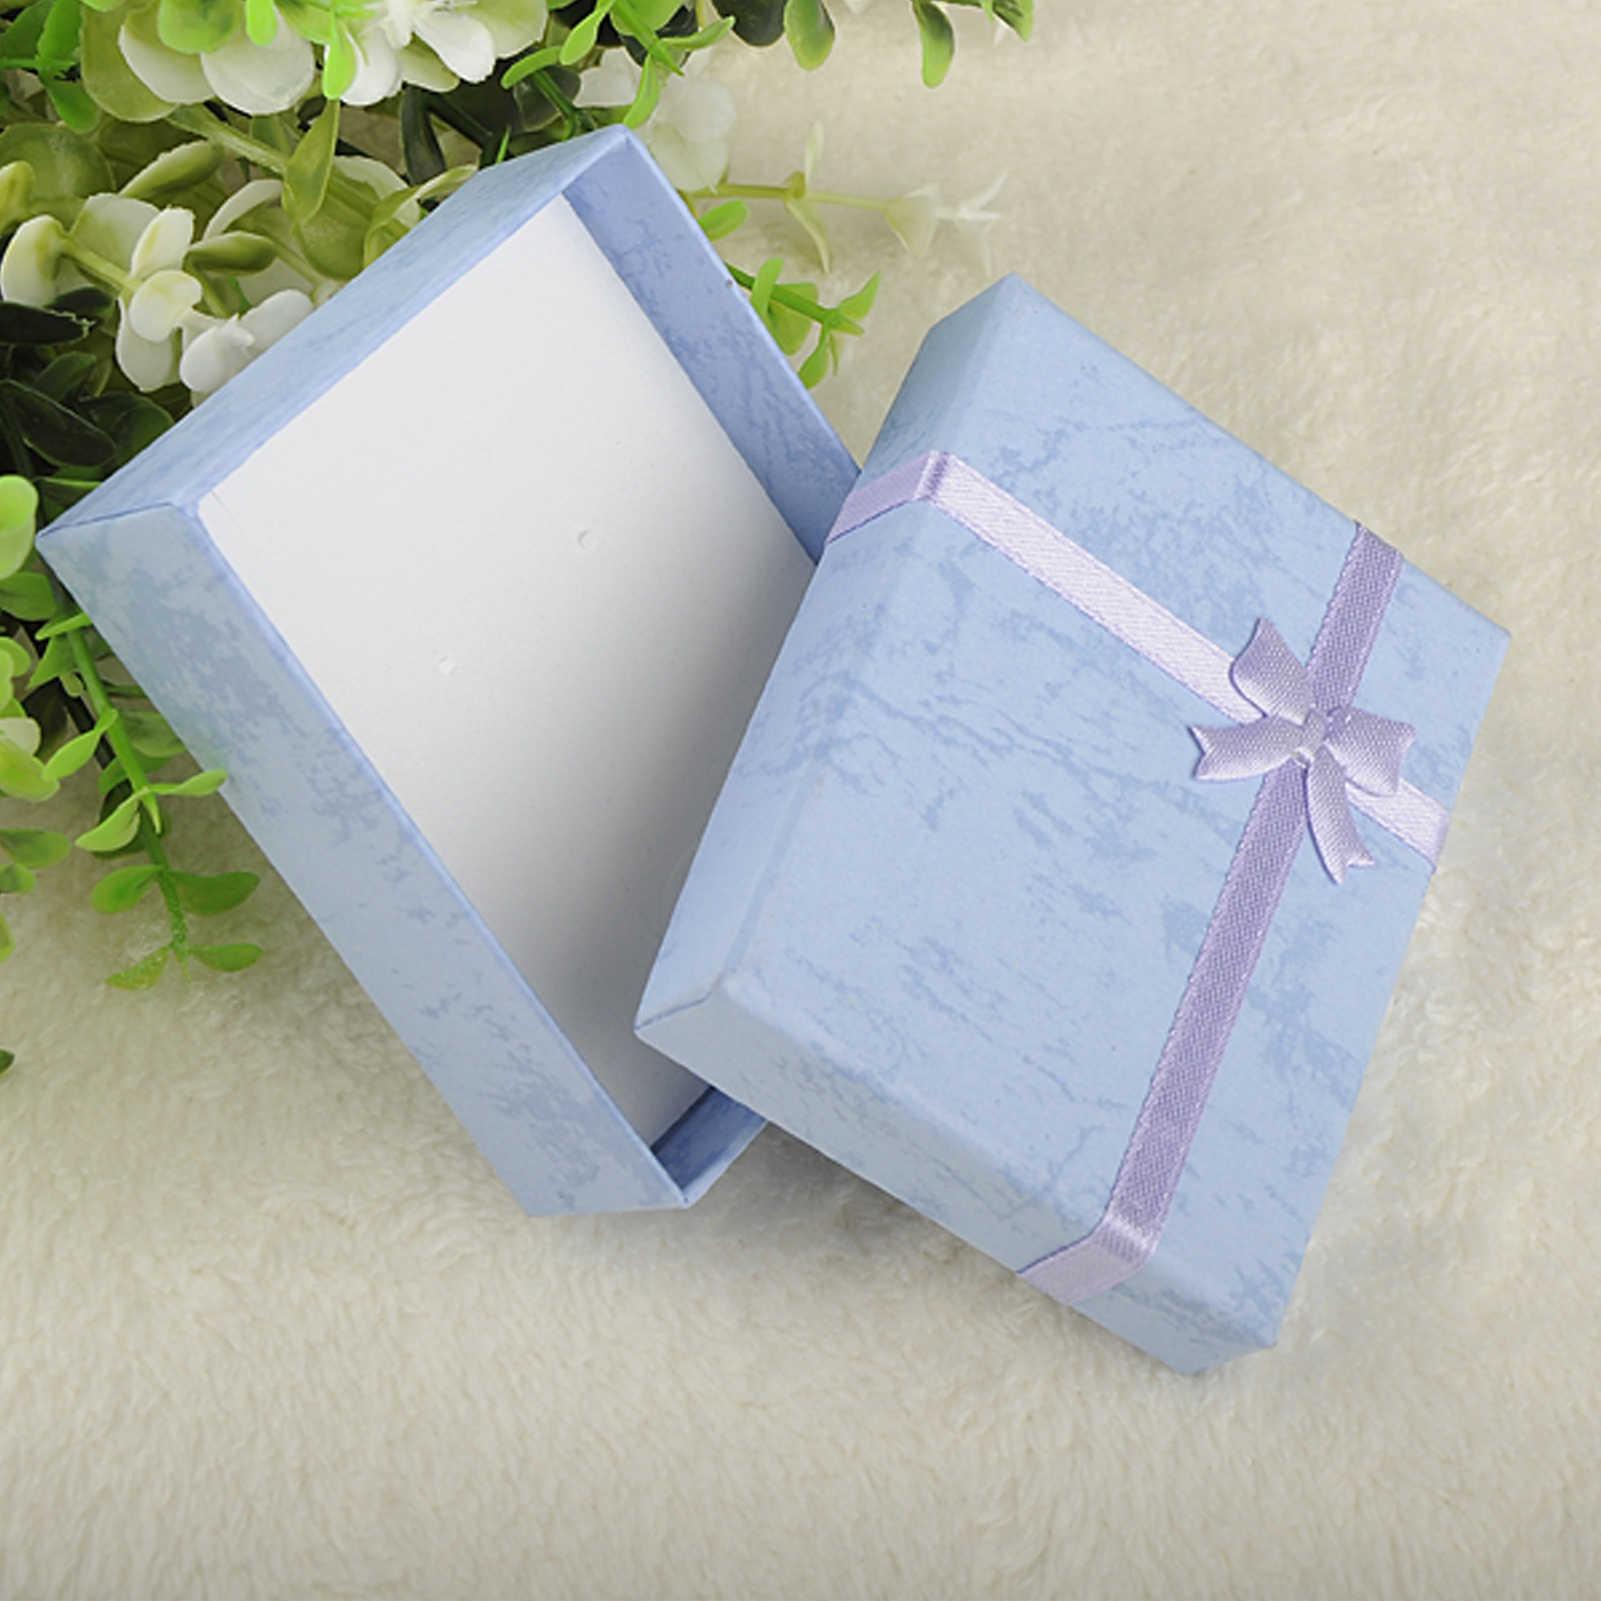 אופנה צבעוני 1PC החדש 4x4x3 cm/8x5x2.5 cm/9 x 7x3cm Jewery ארגונית תיבת טבעות אחסון חמוד תיבת קטן אריזת מתנה עבור טבעות עגילים